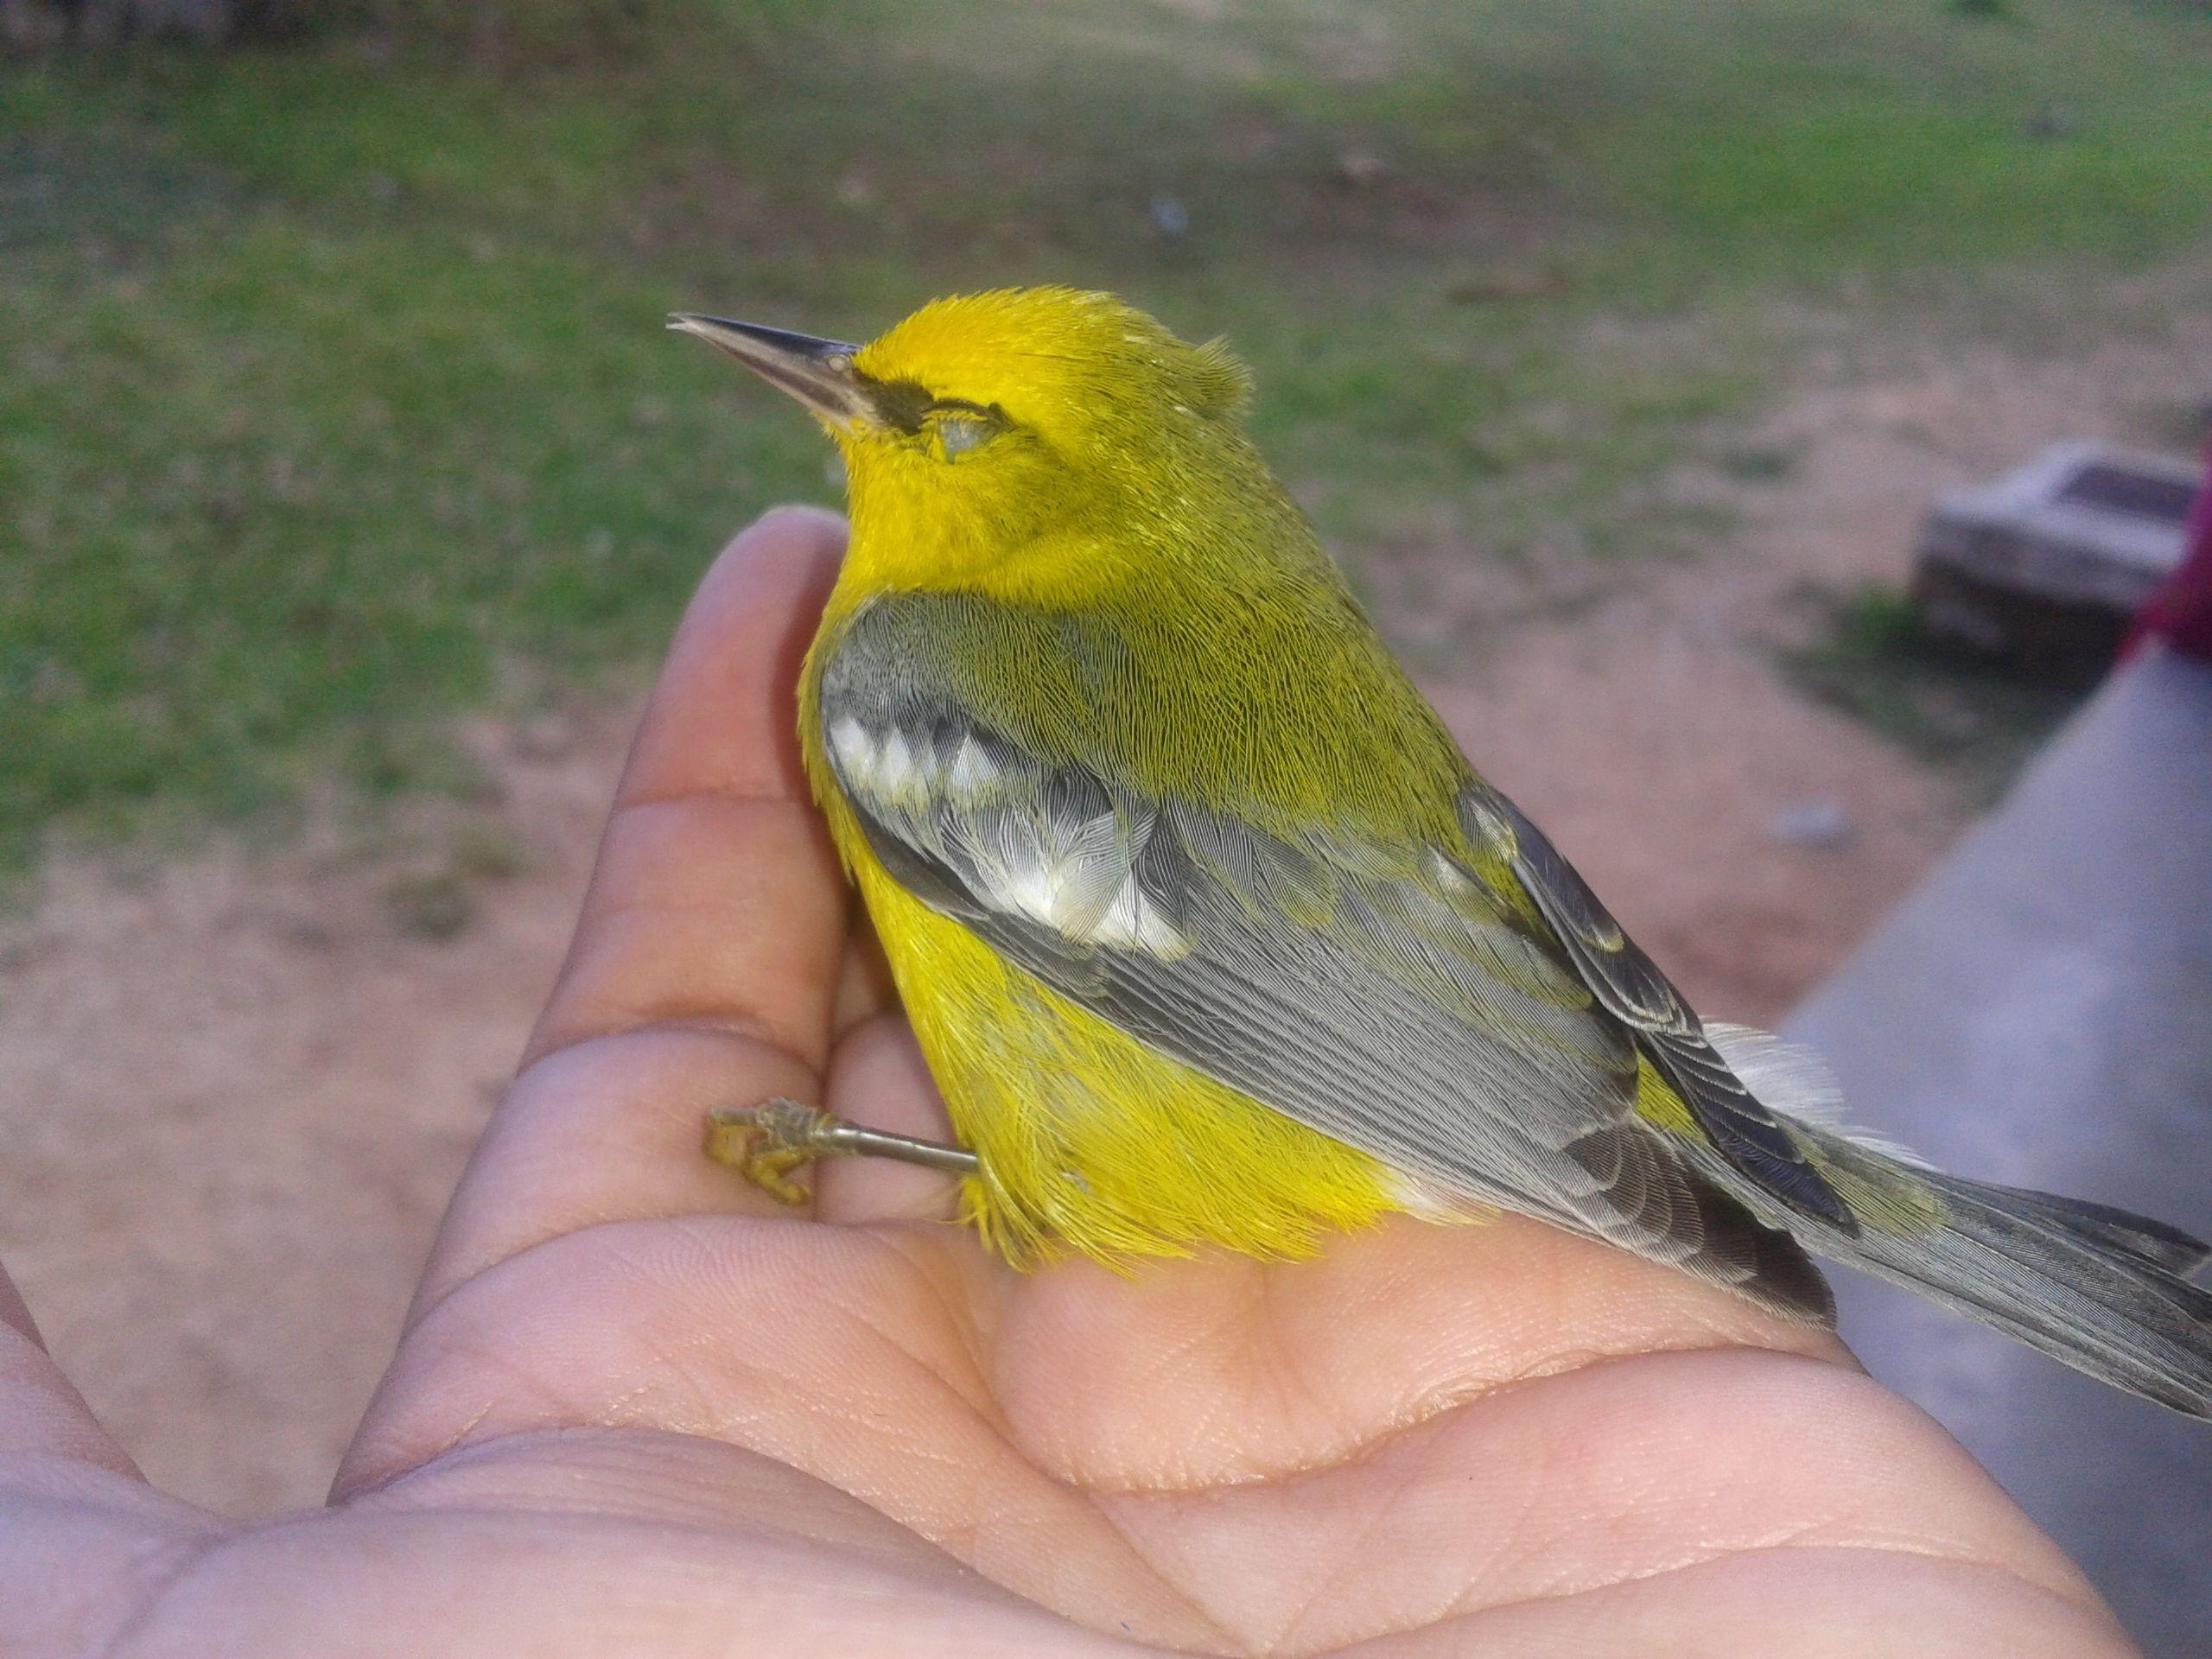 En el colegio donde trabajo, es muy común que los pájaros pequeños se estrellen en los cristales, por lo que me encargo de reanimarlos y dejarlos en libertad